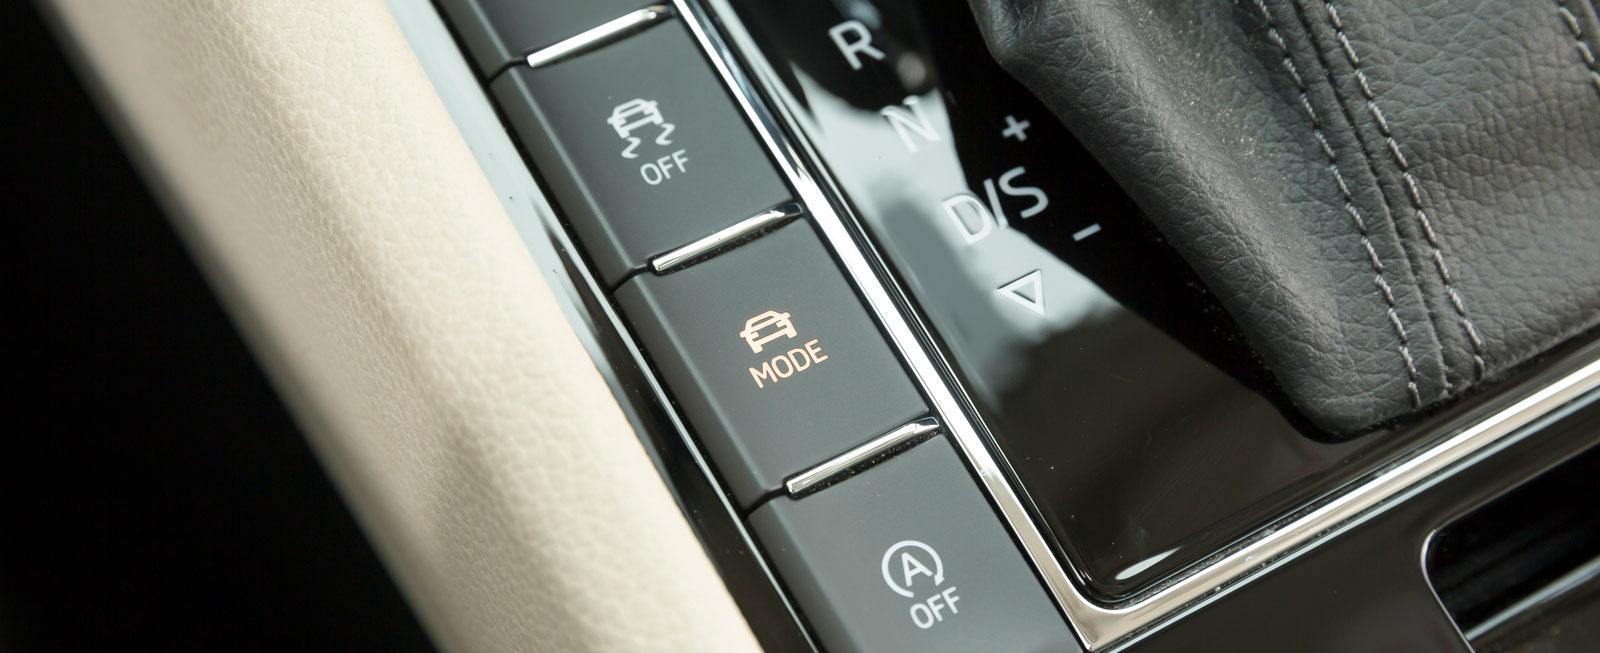 Med Mode-knappen kan föraren välja mellan fyra körprogram: Eco, Normal, Comfort och Sport. Såväl stötdämpning, motor som växellåda ställs om.